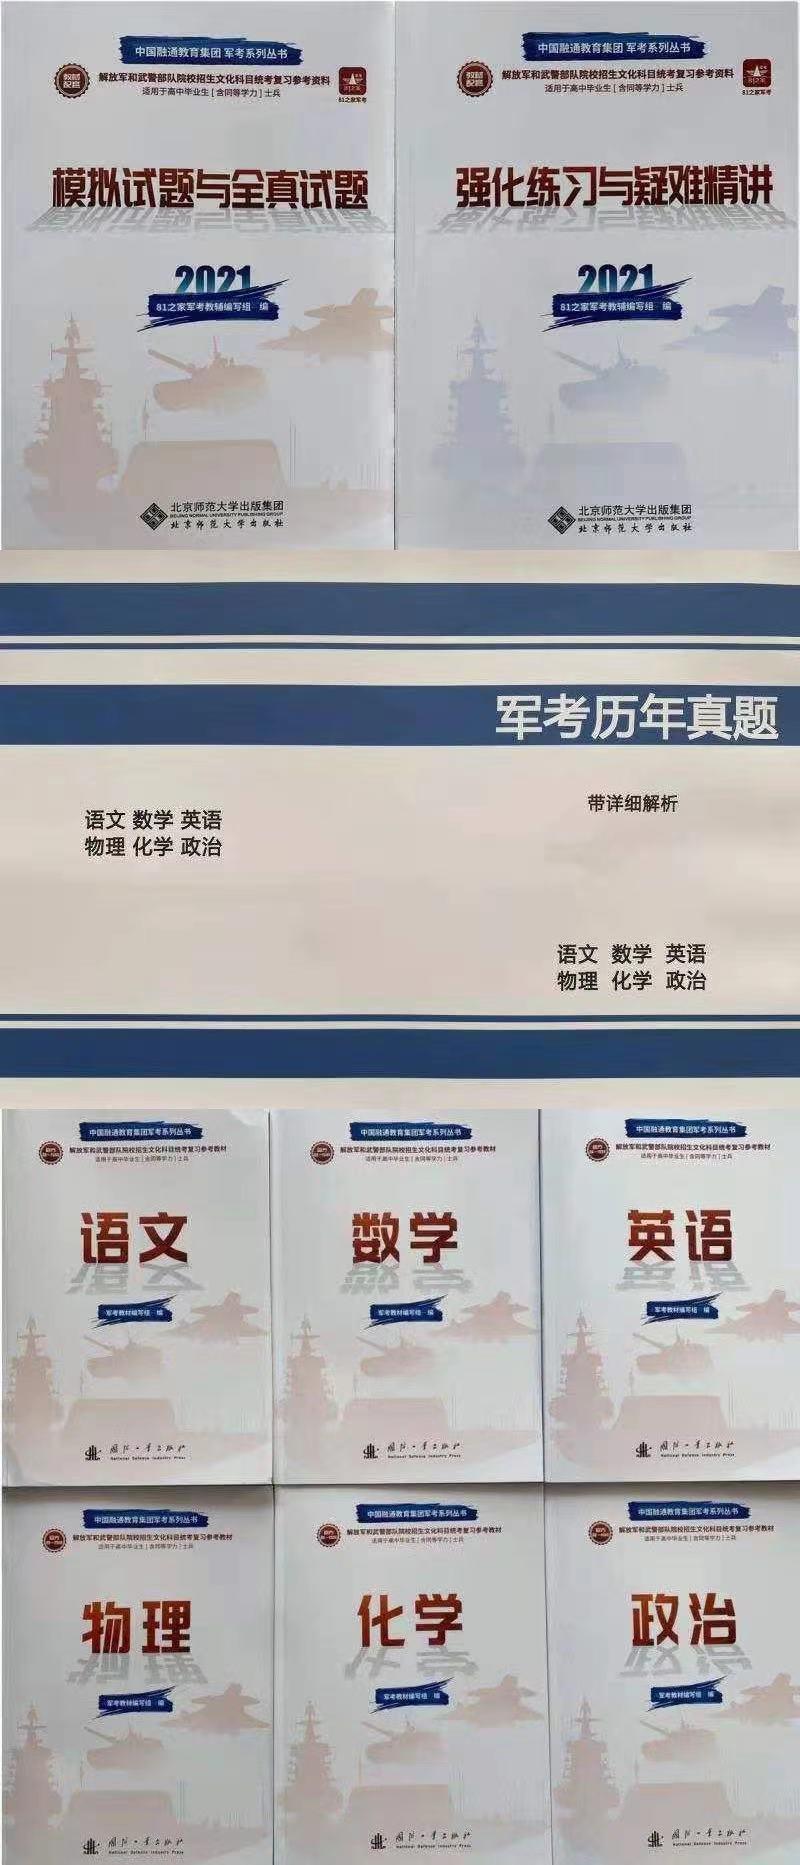 2021年考军校军考教材资料_海陆空高中生部队考试用书_国防出版社2021士兵考军校教材产品图片高清大图,本图片由北京北腾文化发展有限公司提供。